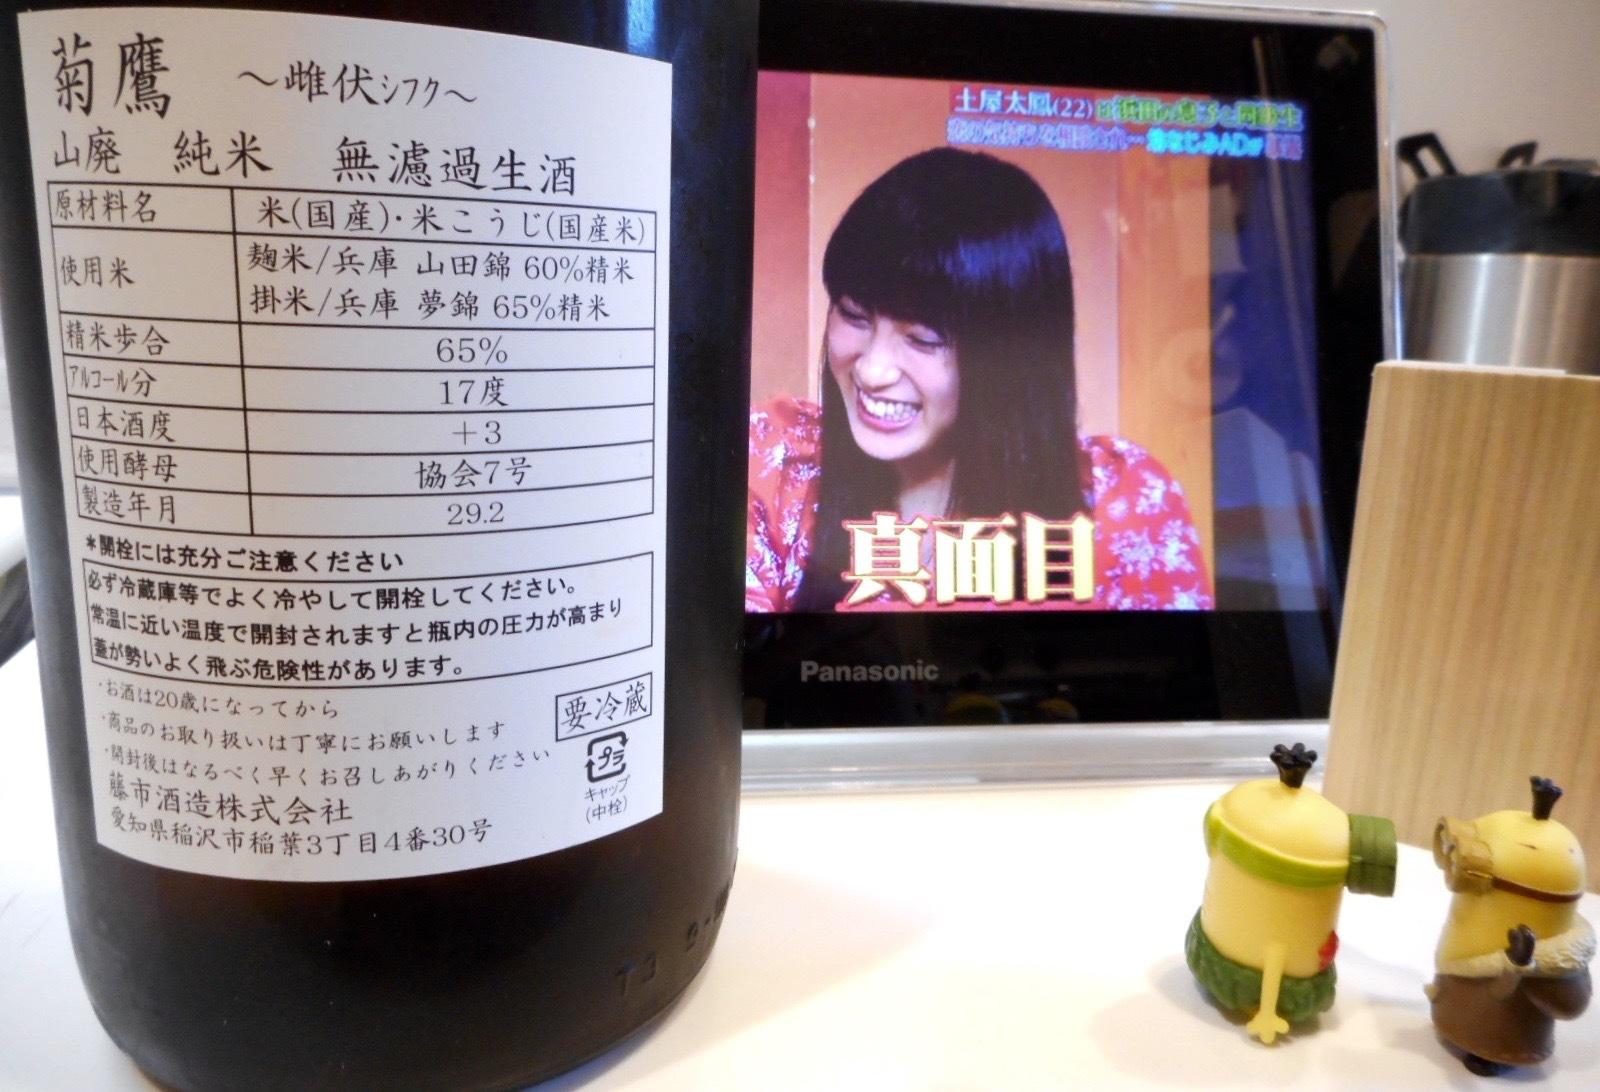 kikutaka_shifuku_nama28by2.jpg